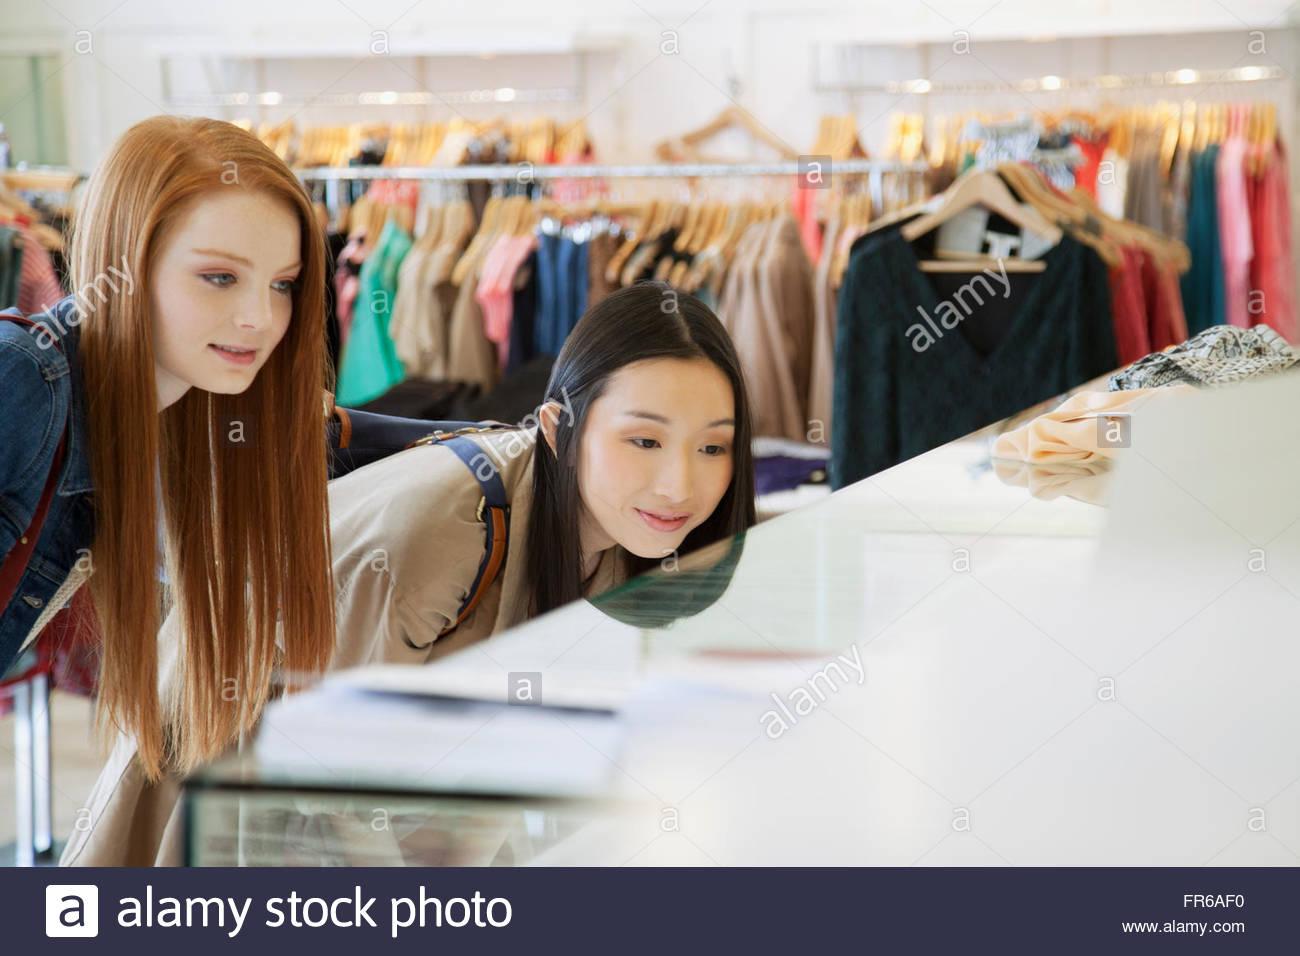 Freundinnen einkaufen in trendige Kleidung Shop Stockbild